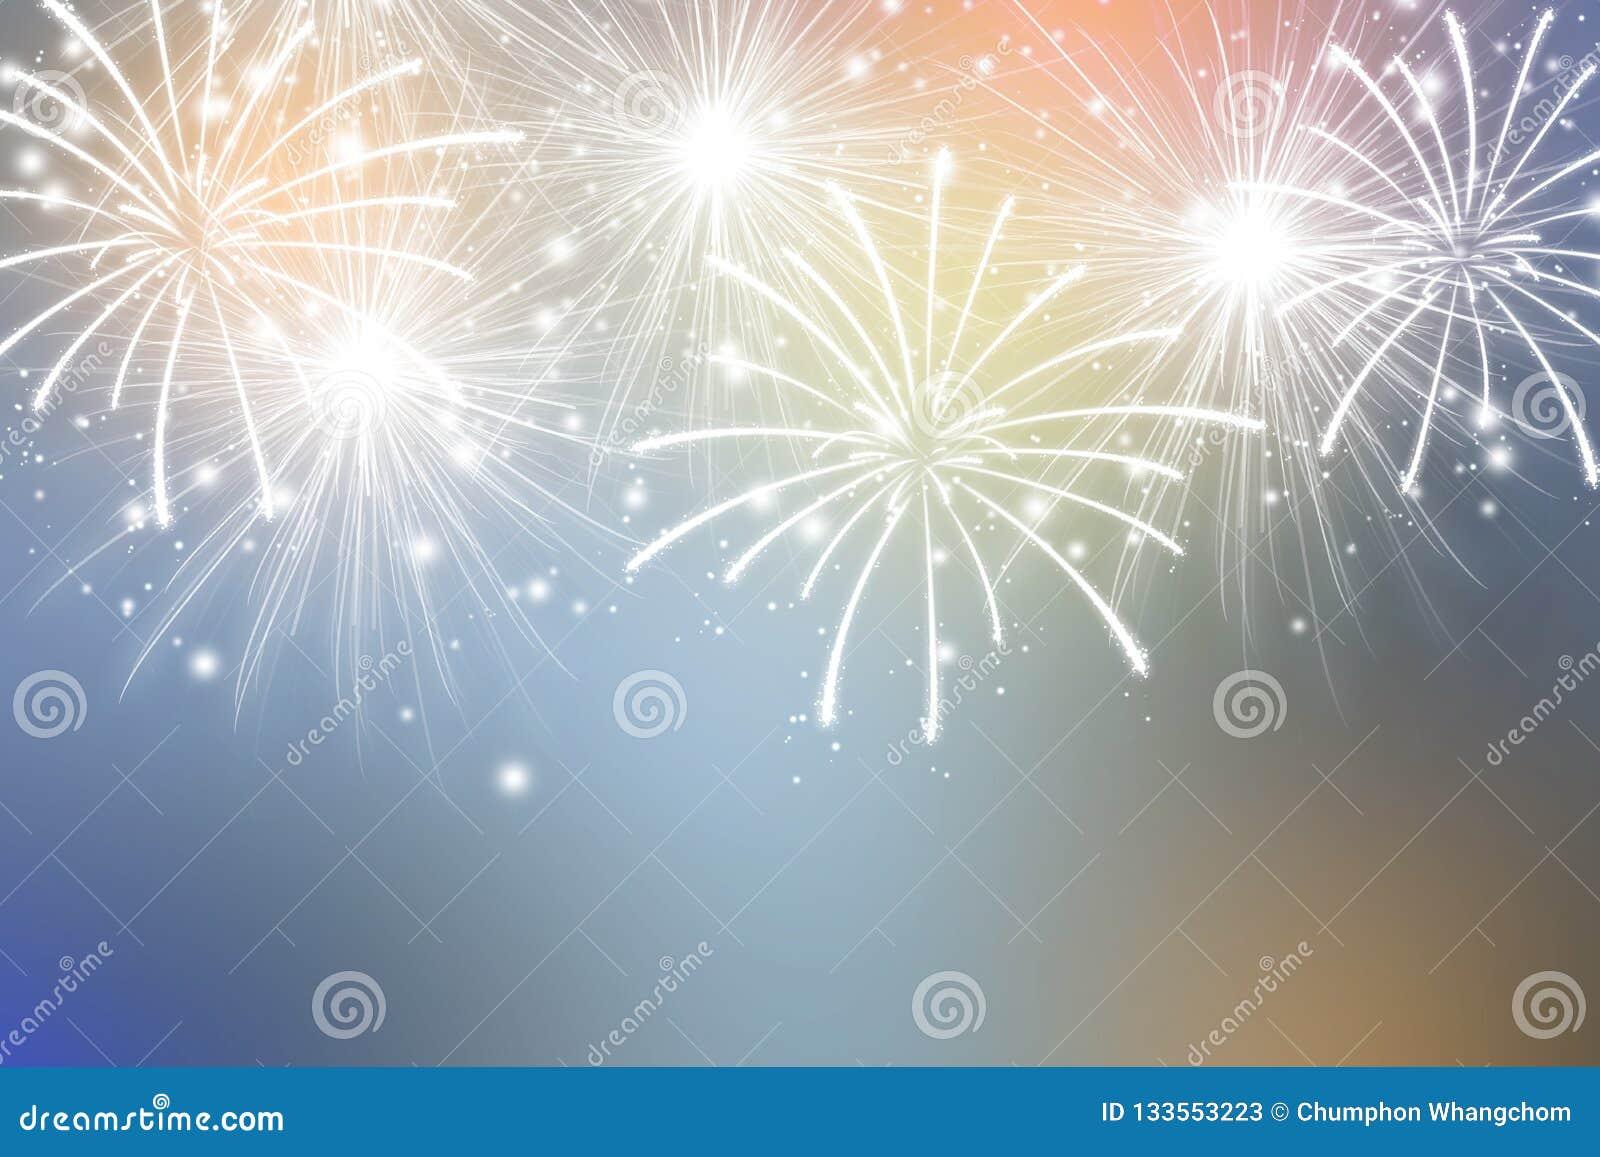 Rainbow Fireworks Celebration Colorful Abstract Image With: Abstract Fireworks On Colors Background. Celebration